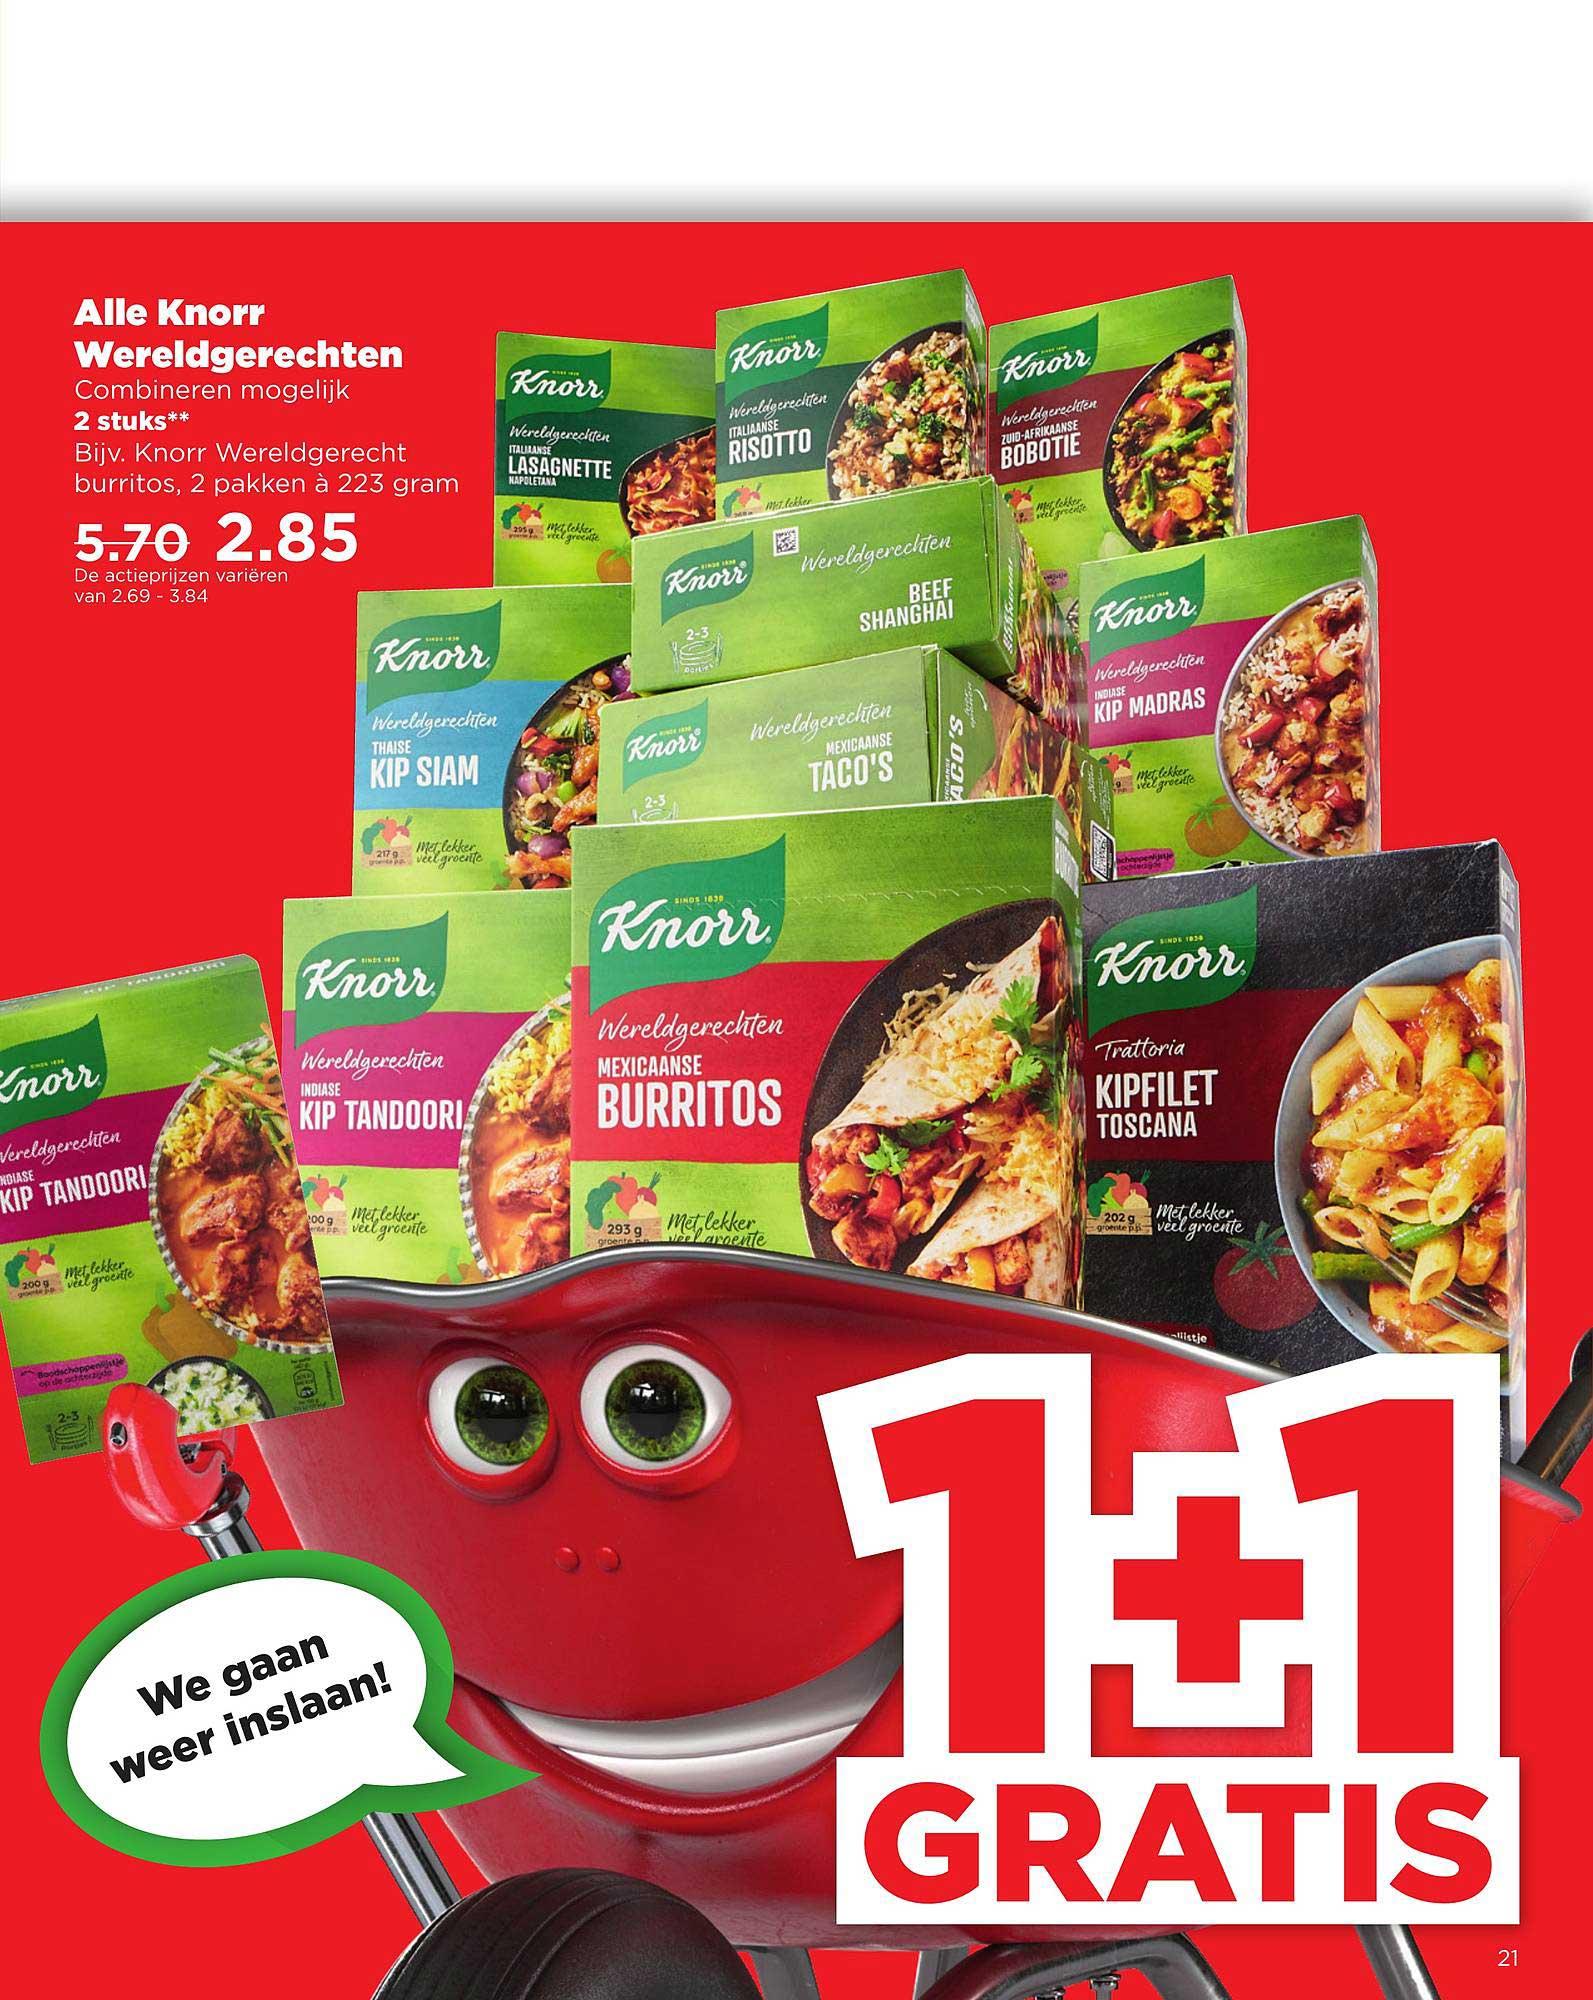 PLUS Alle Knorr Wereldgerechten 1+1 Gratis